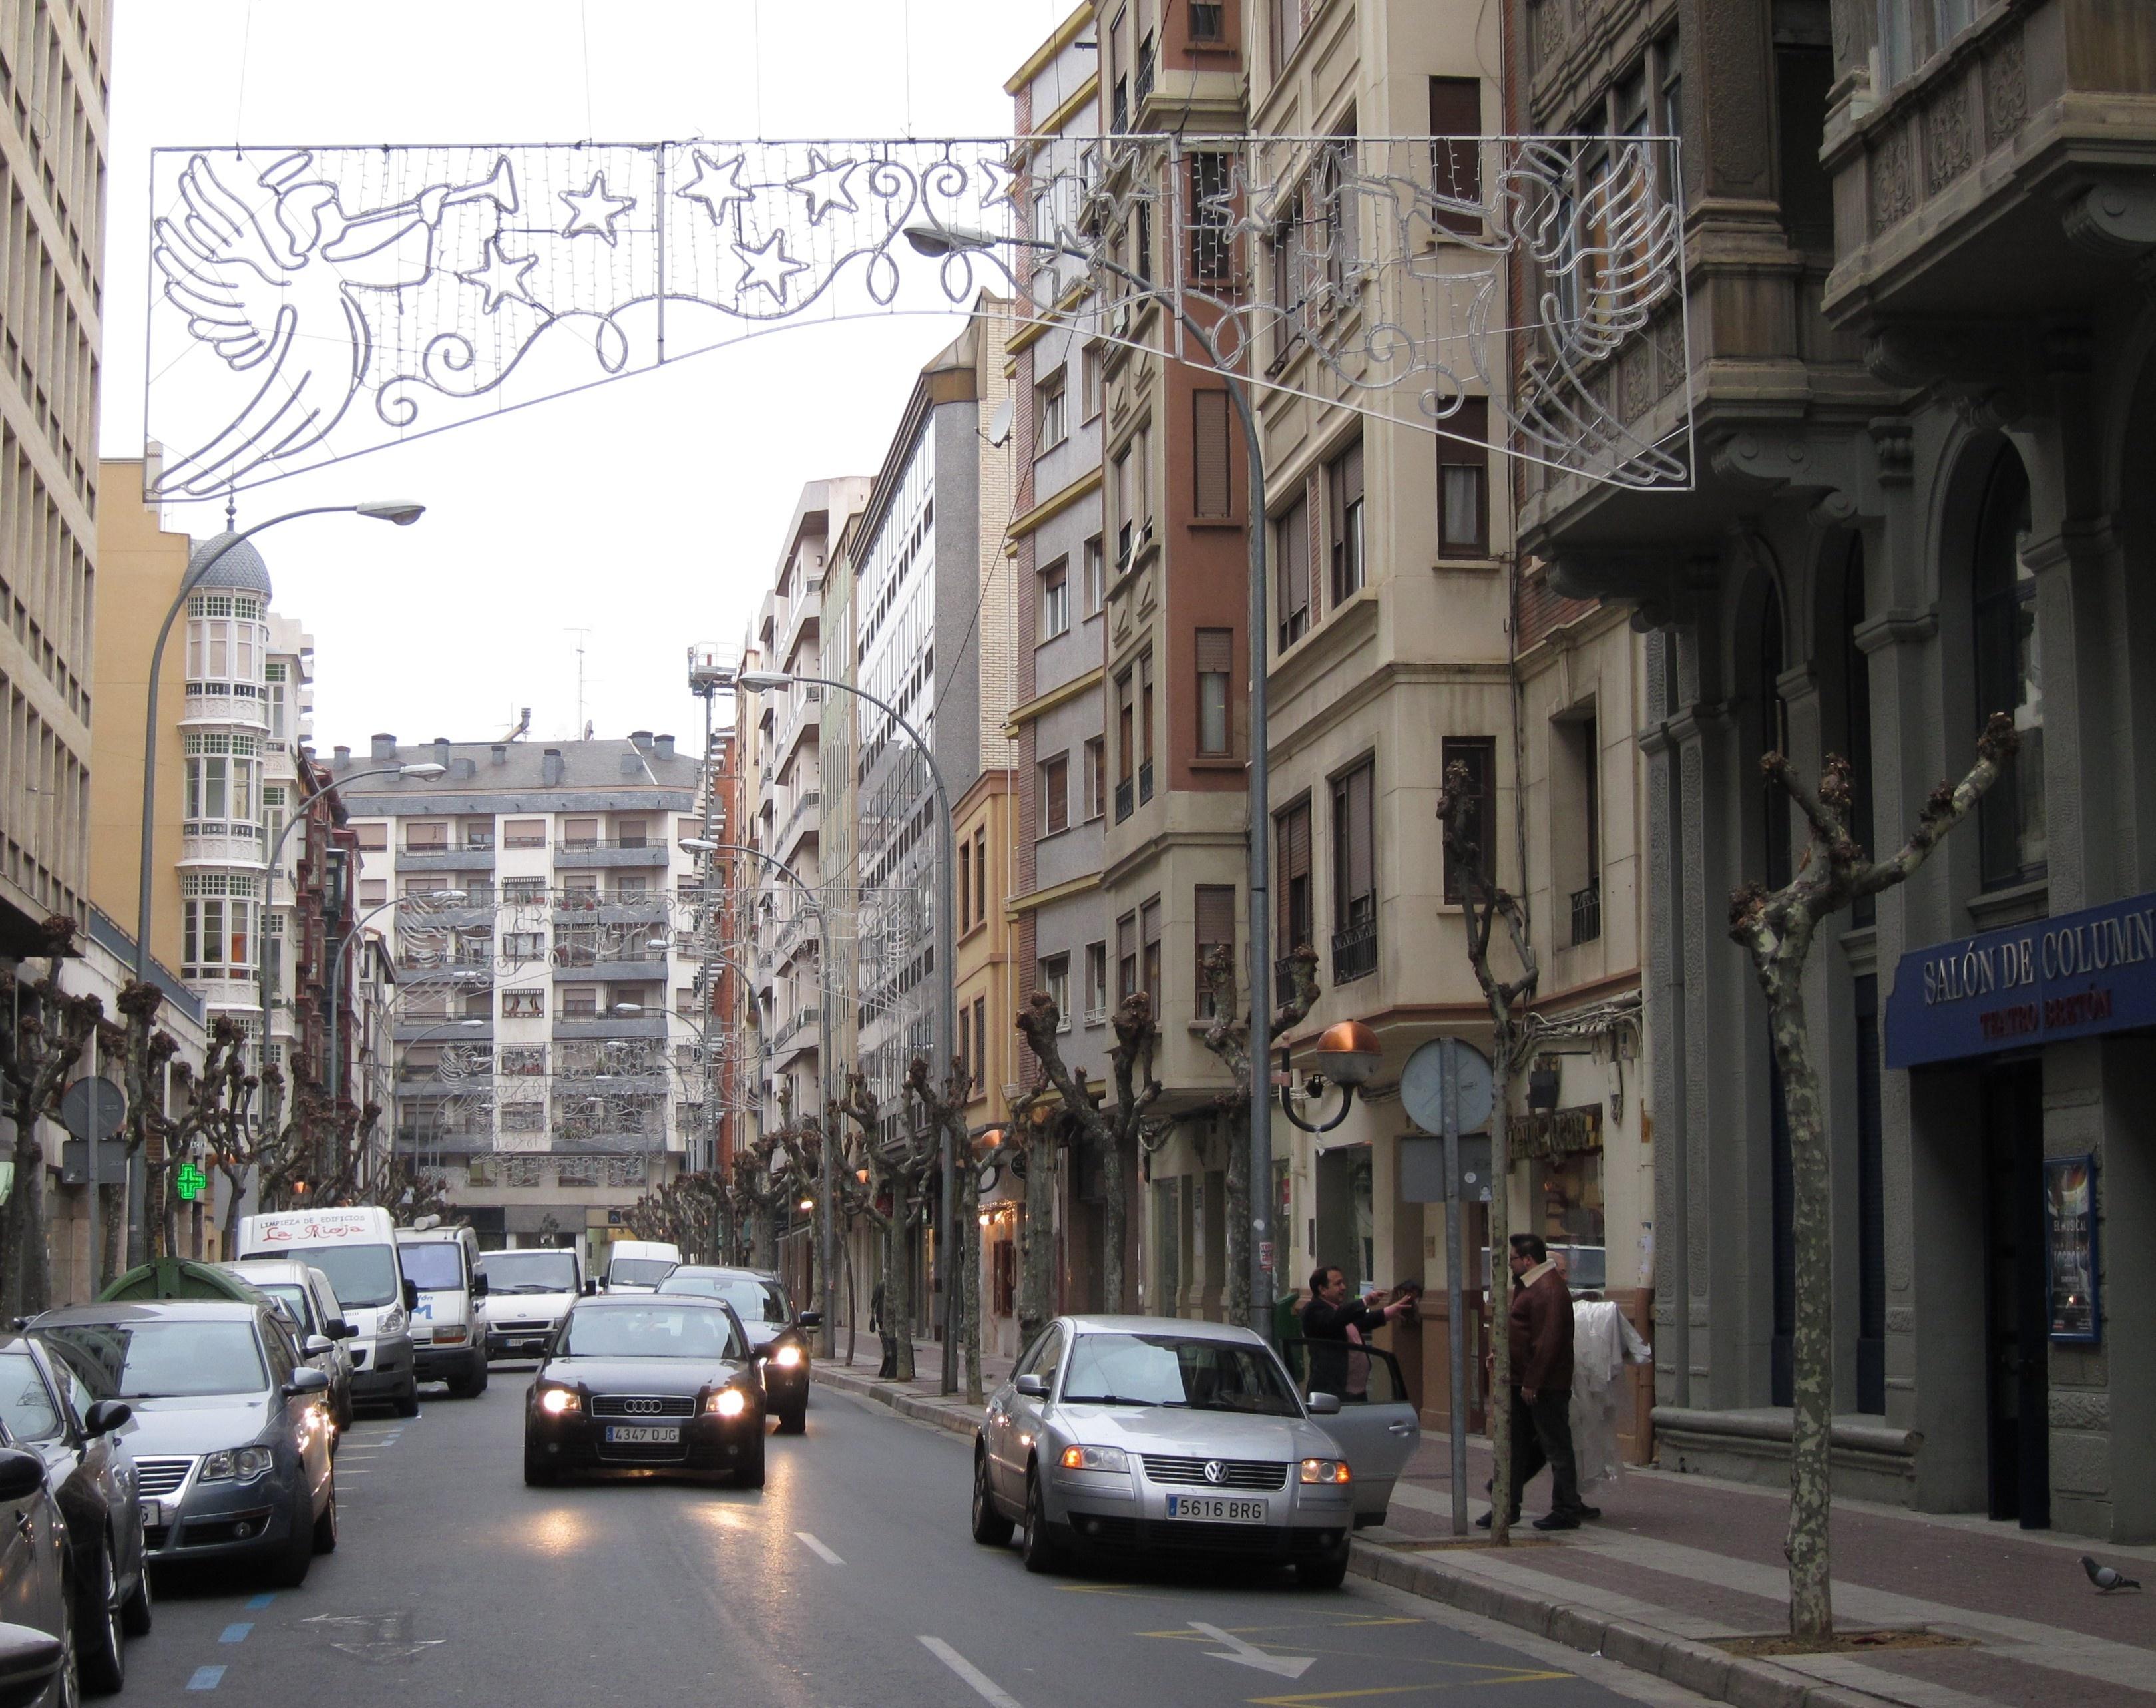 El alumbrado navideño se encenderá en Logroño el 5 de diciembre en la Concha de El Espolón